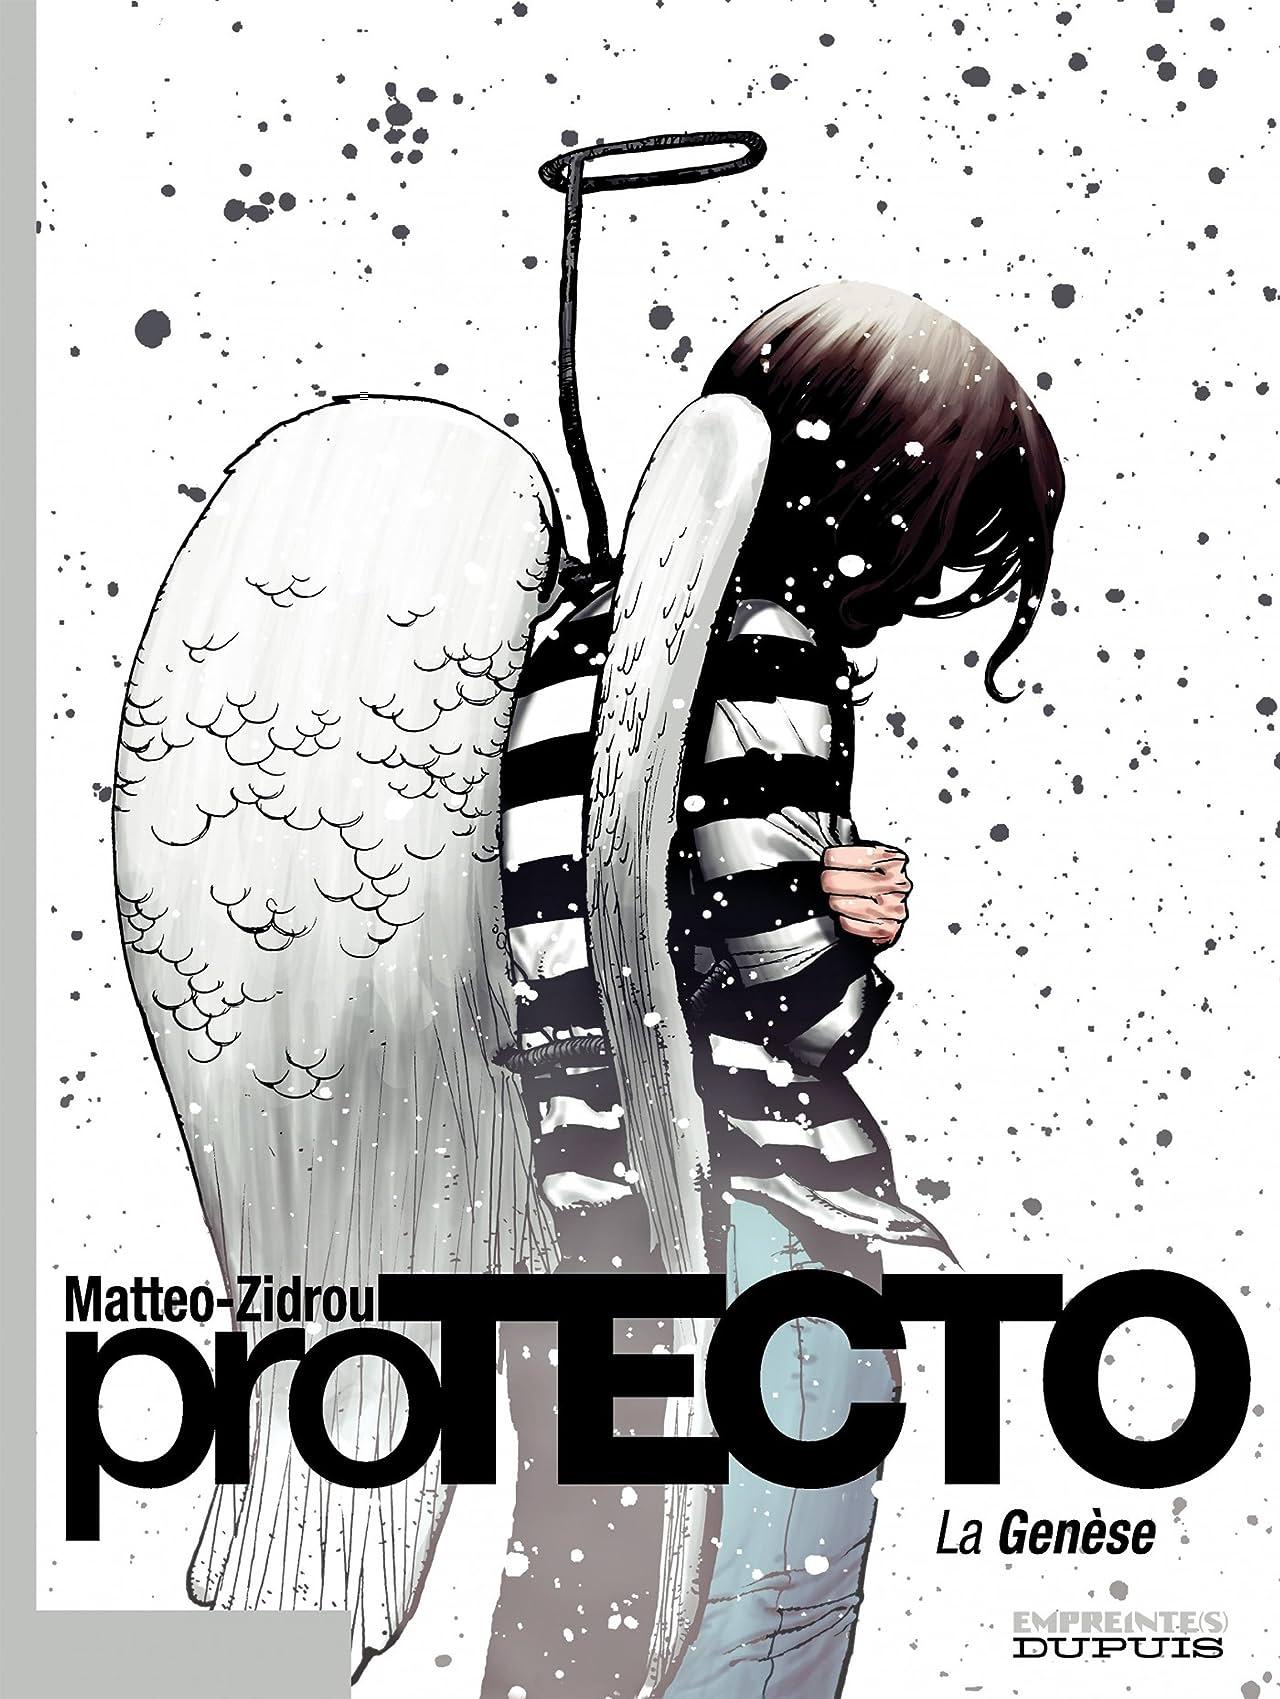 Protecto: La Genèse